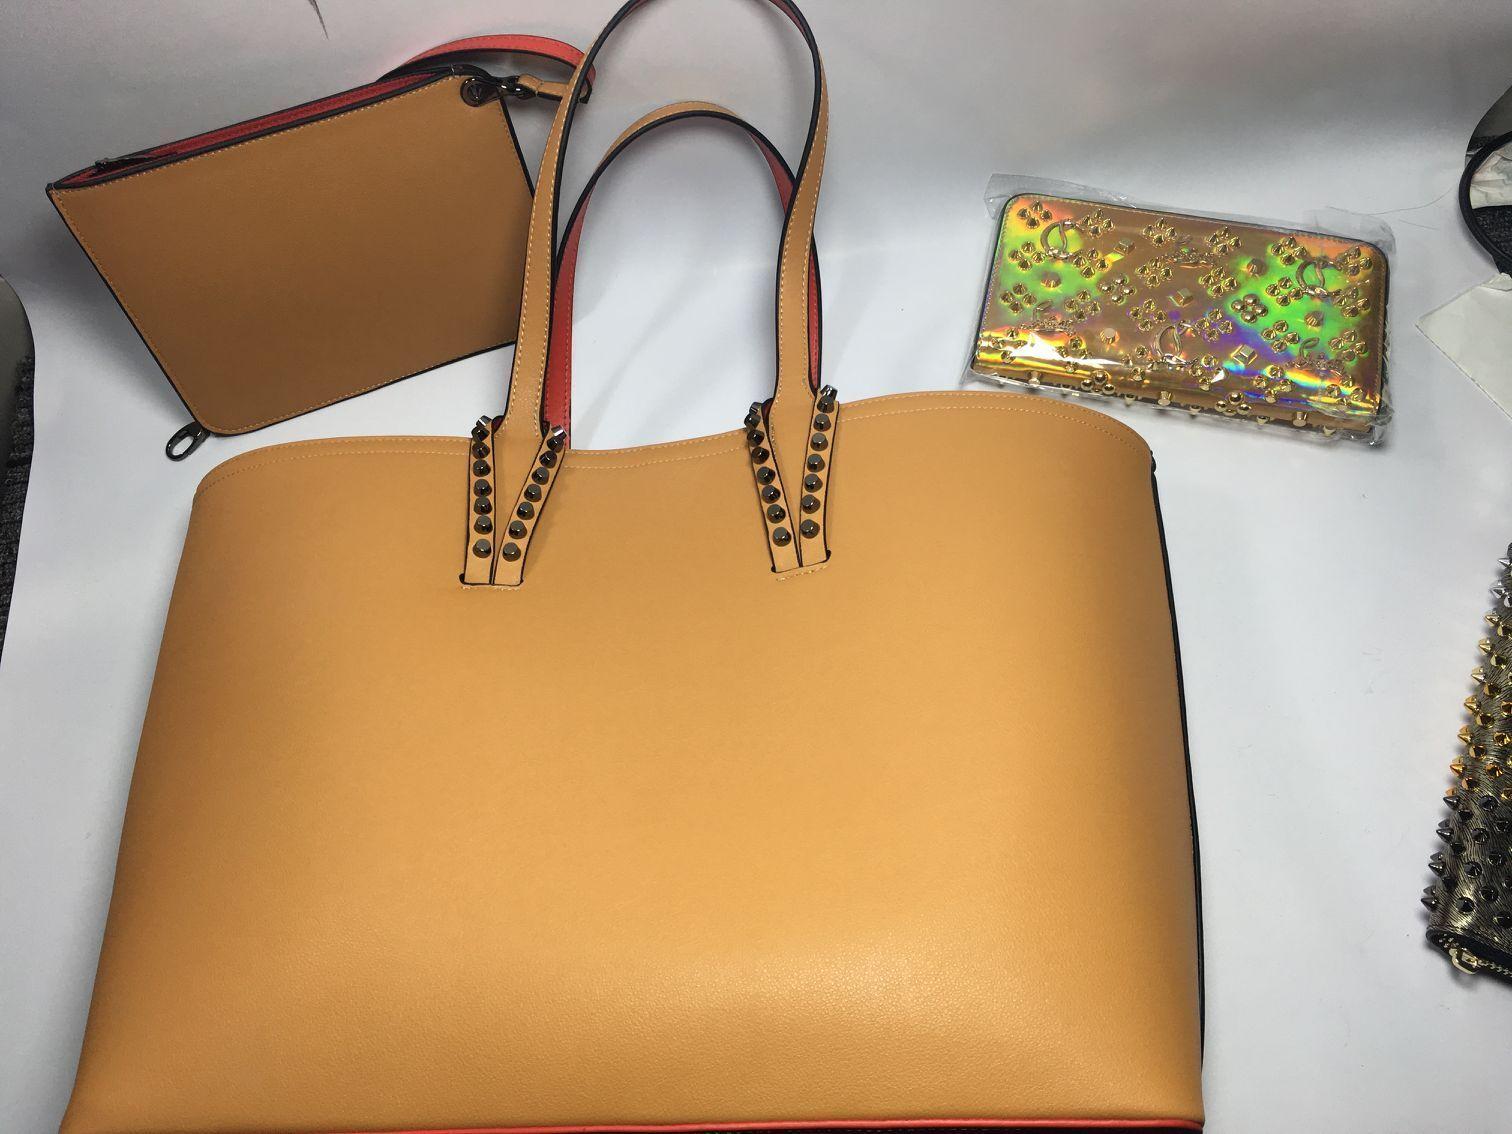 2020 цвета Top bcabata сумки конструктора тотализаторы композитов сумка известного бренд натуральная кожа должна кошельком Больших сумок